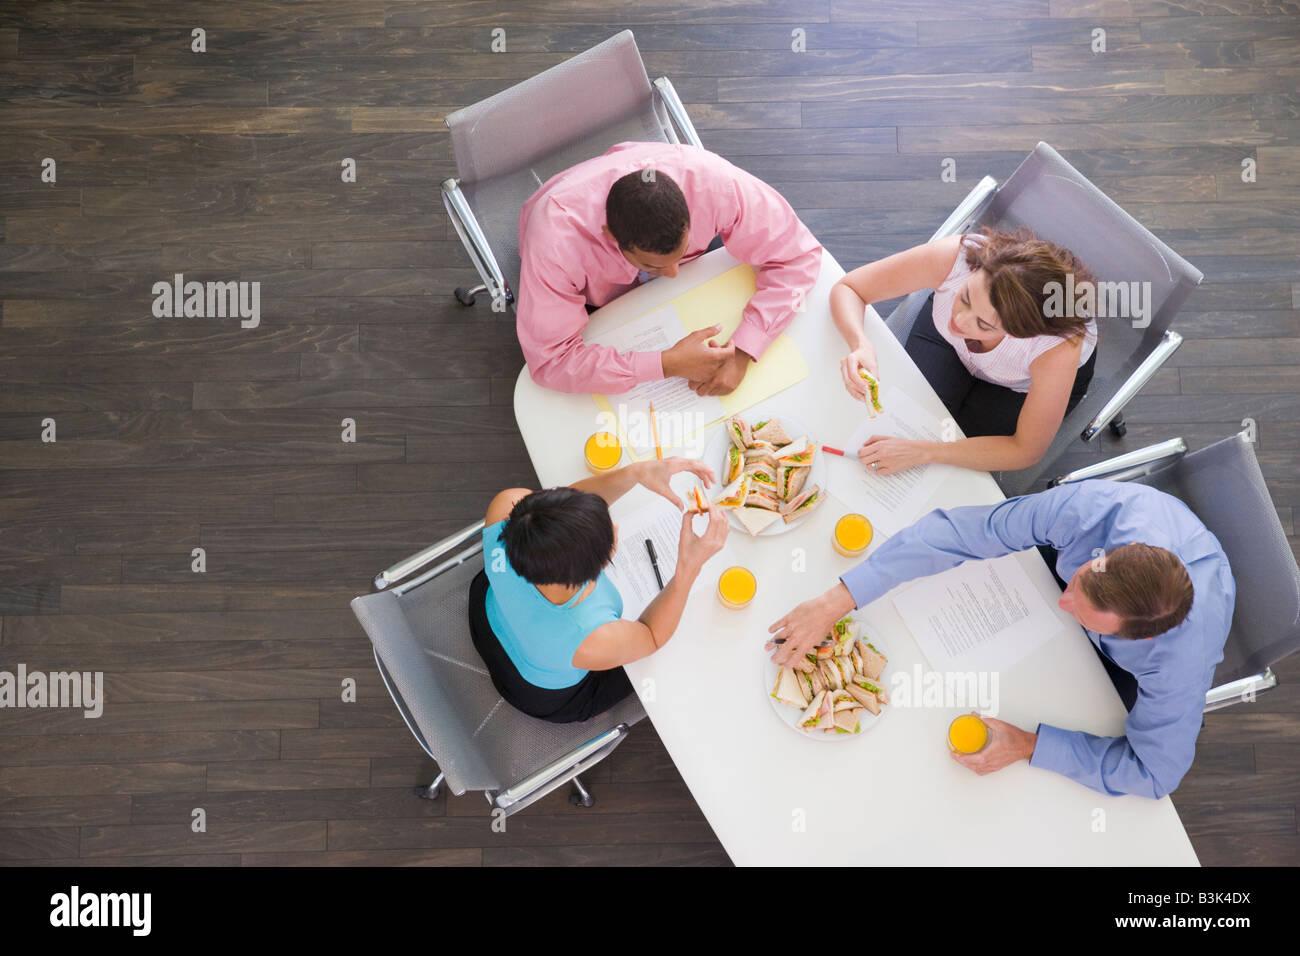 Quatre affaires à table de conférence avec des sandwichs Photo Stock